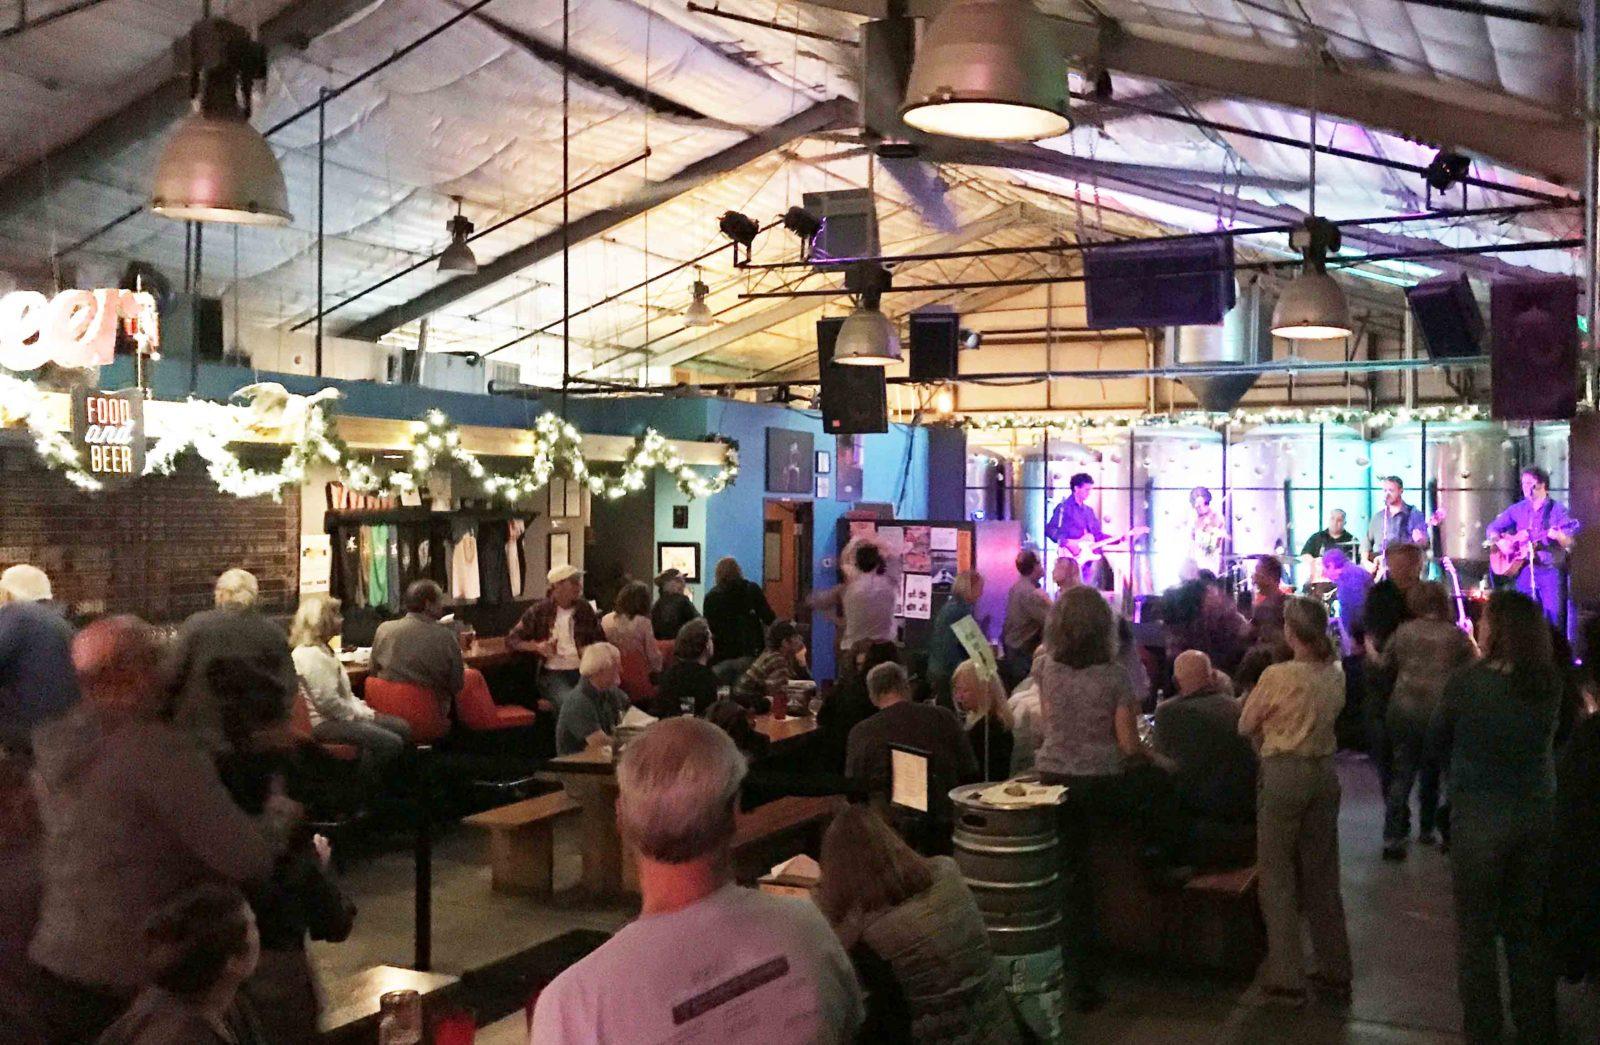 349. Austin Beer Garden Brewing Co, Austin TX, 2017